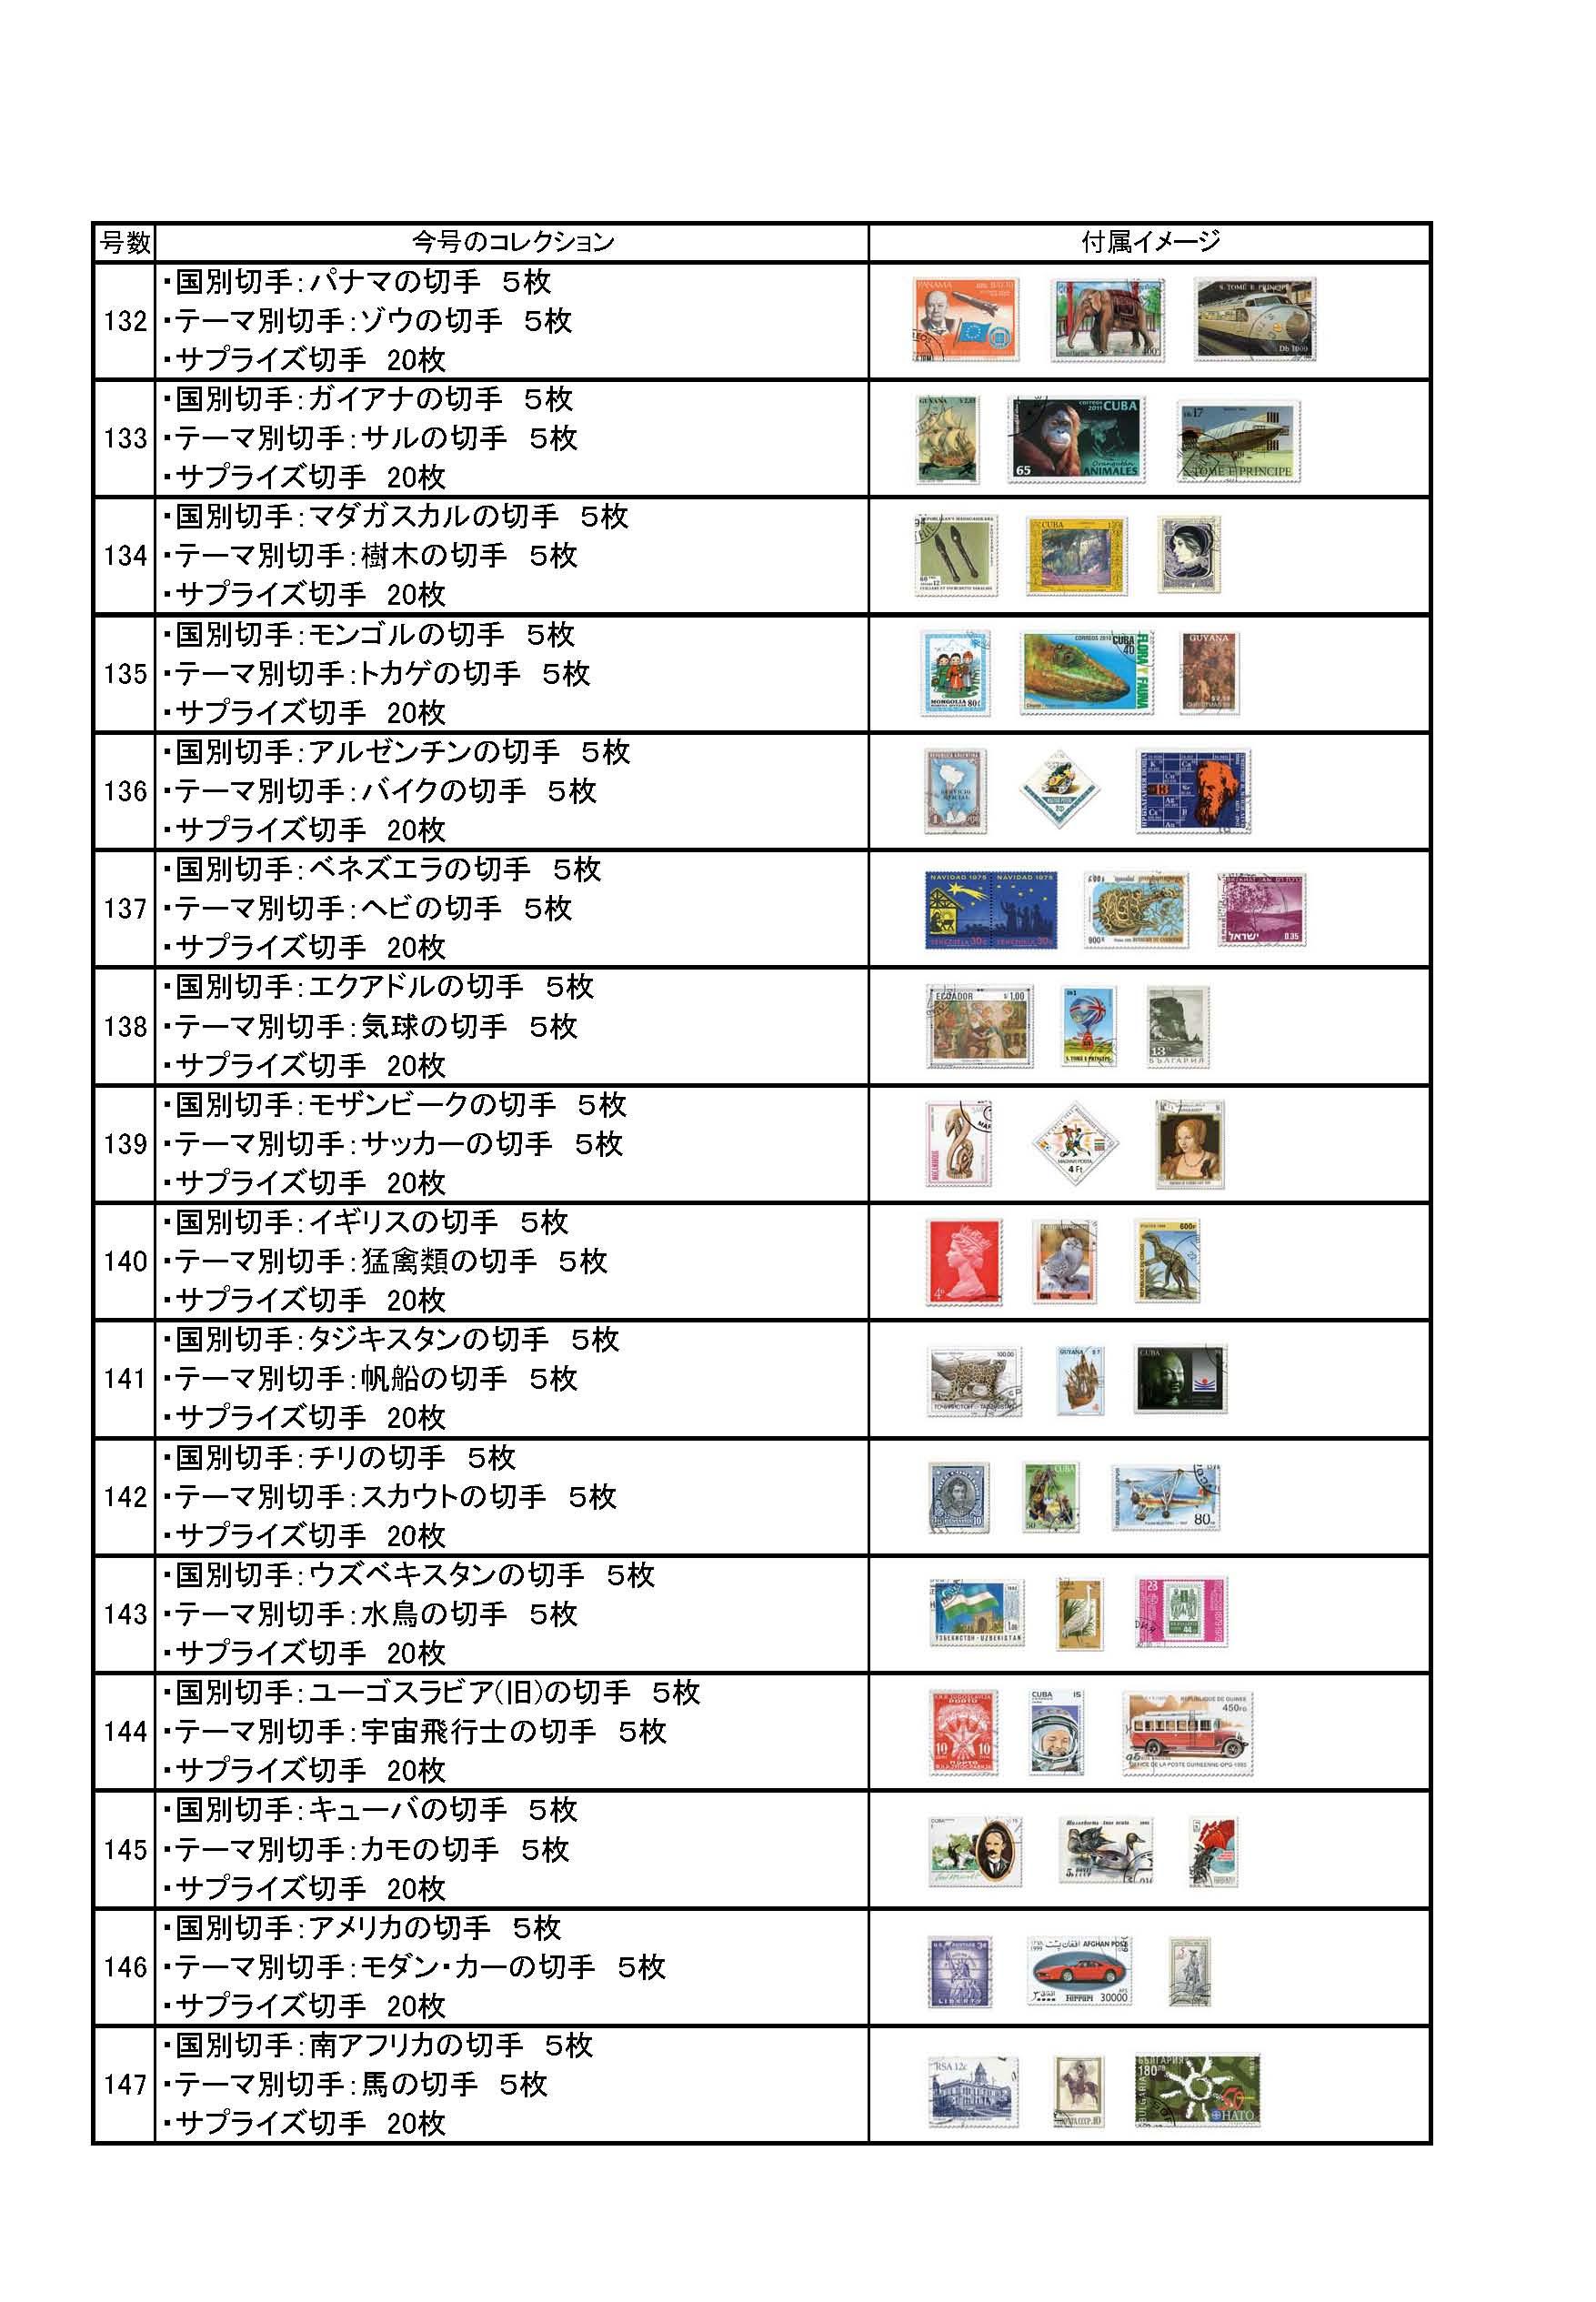 付属切手ラインナップ_20170817 (1)_ページ_10.jpg